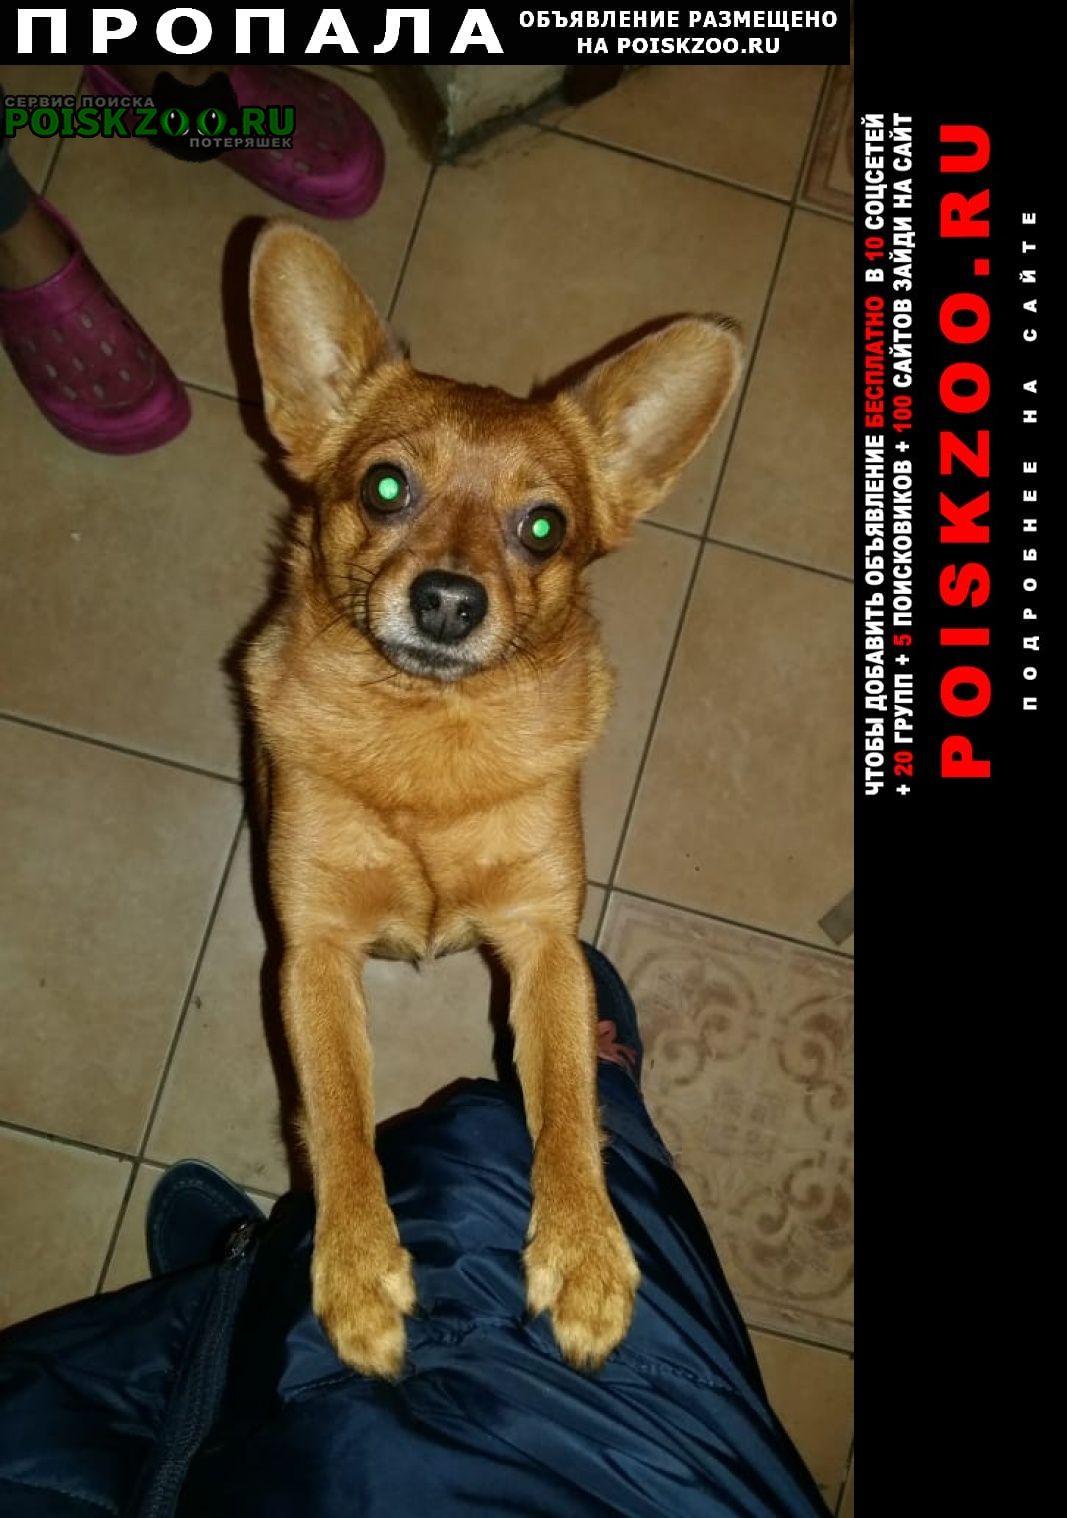 Пропала собака 15.02. в 18 часов Волосово